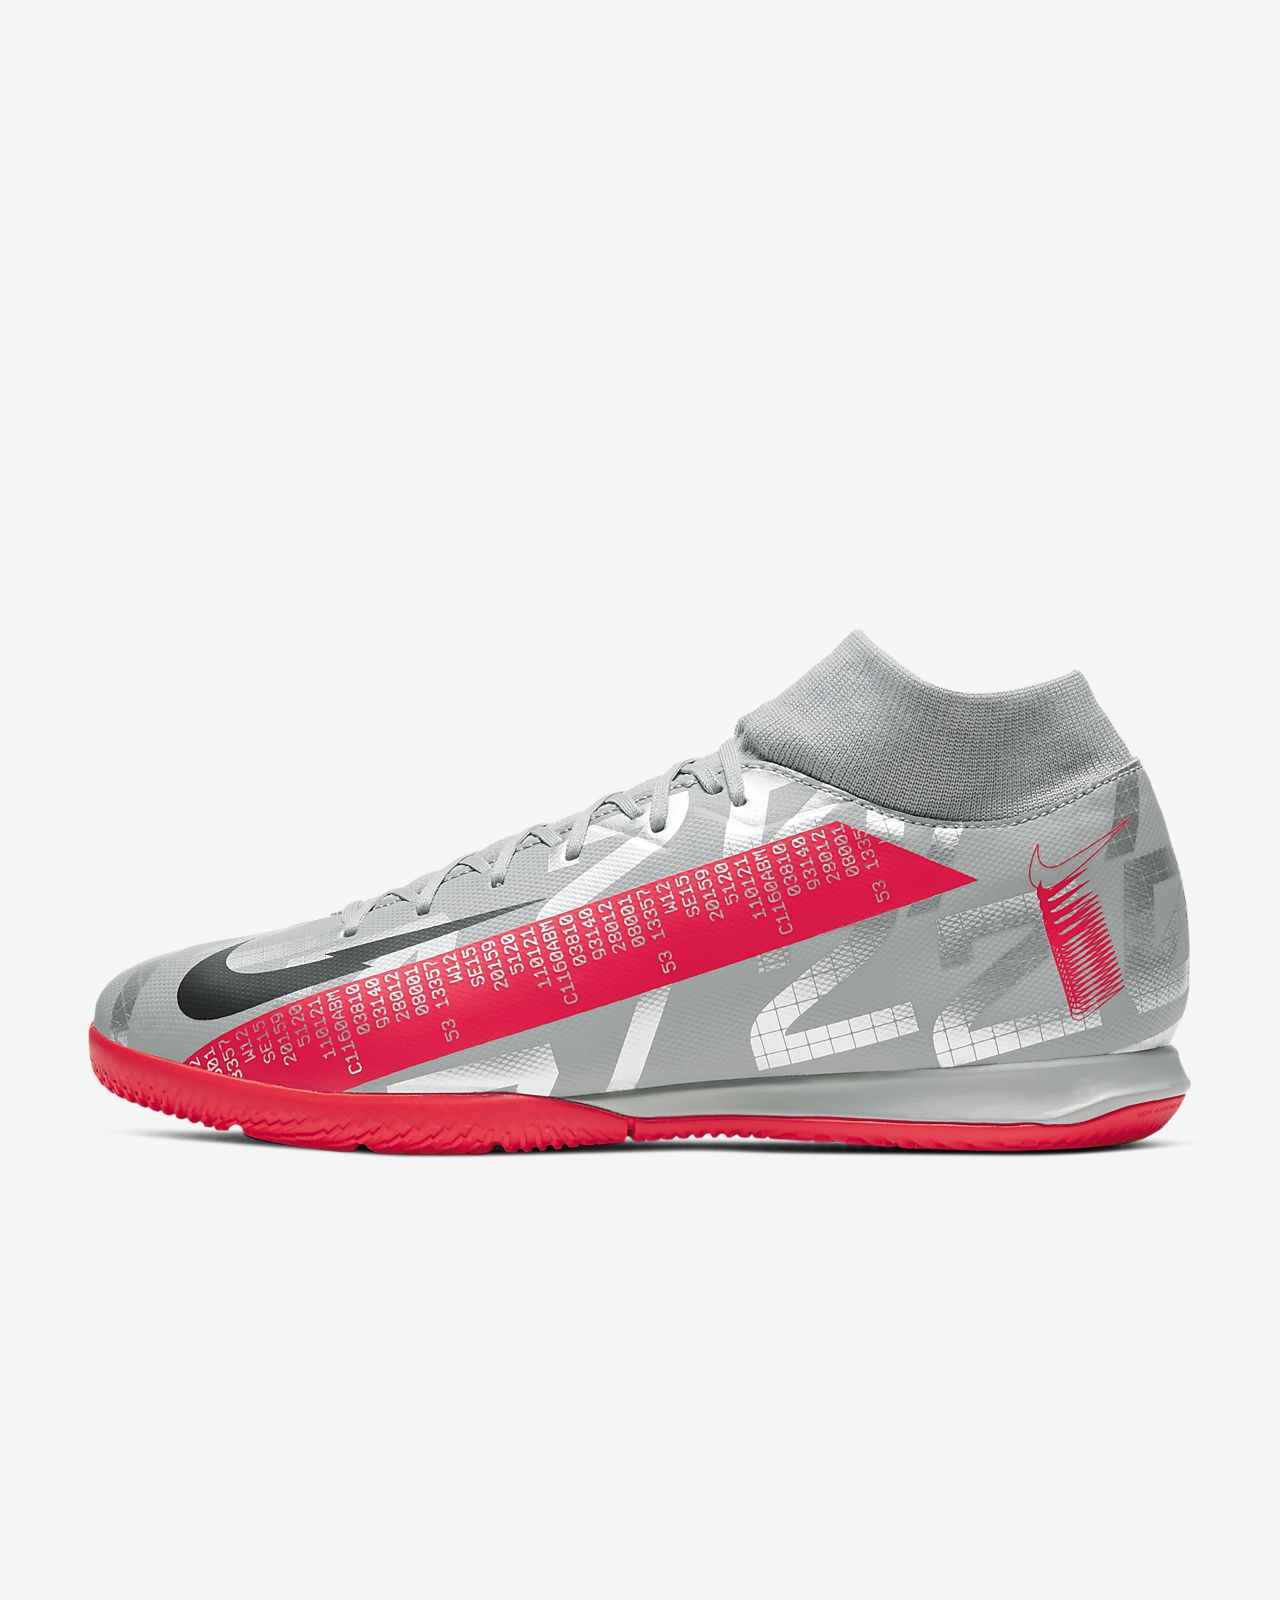 Ποδοσφαιρικό παπούτσι για κλειστά γήπεδα Nike Mercurial Superfly 7 Academy IC